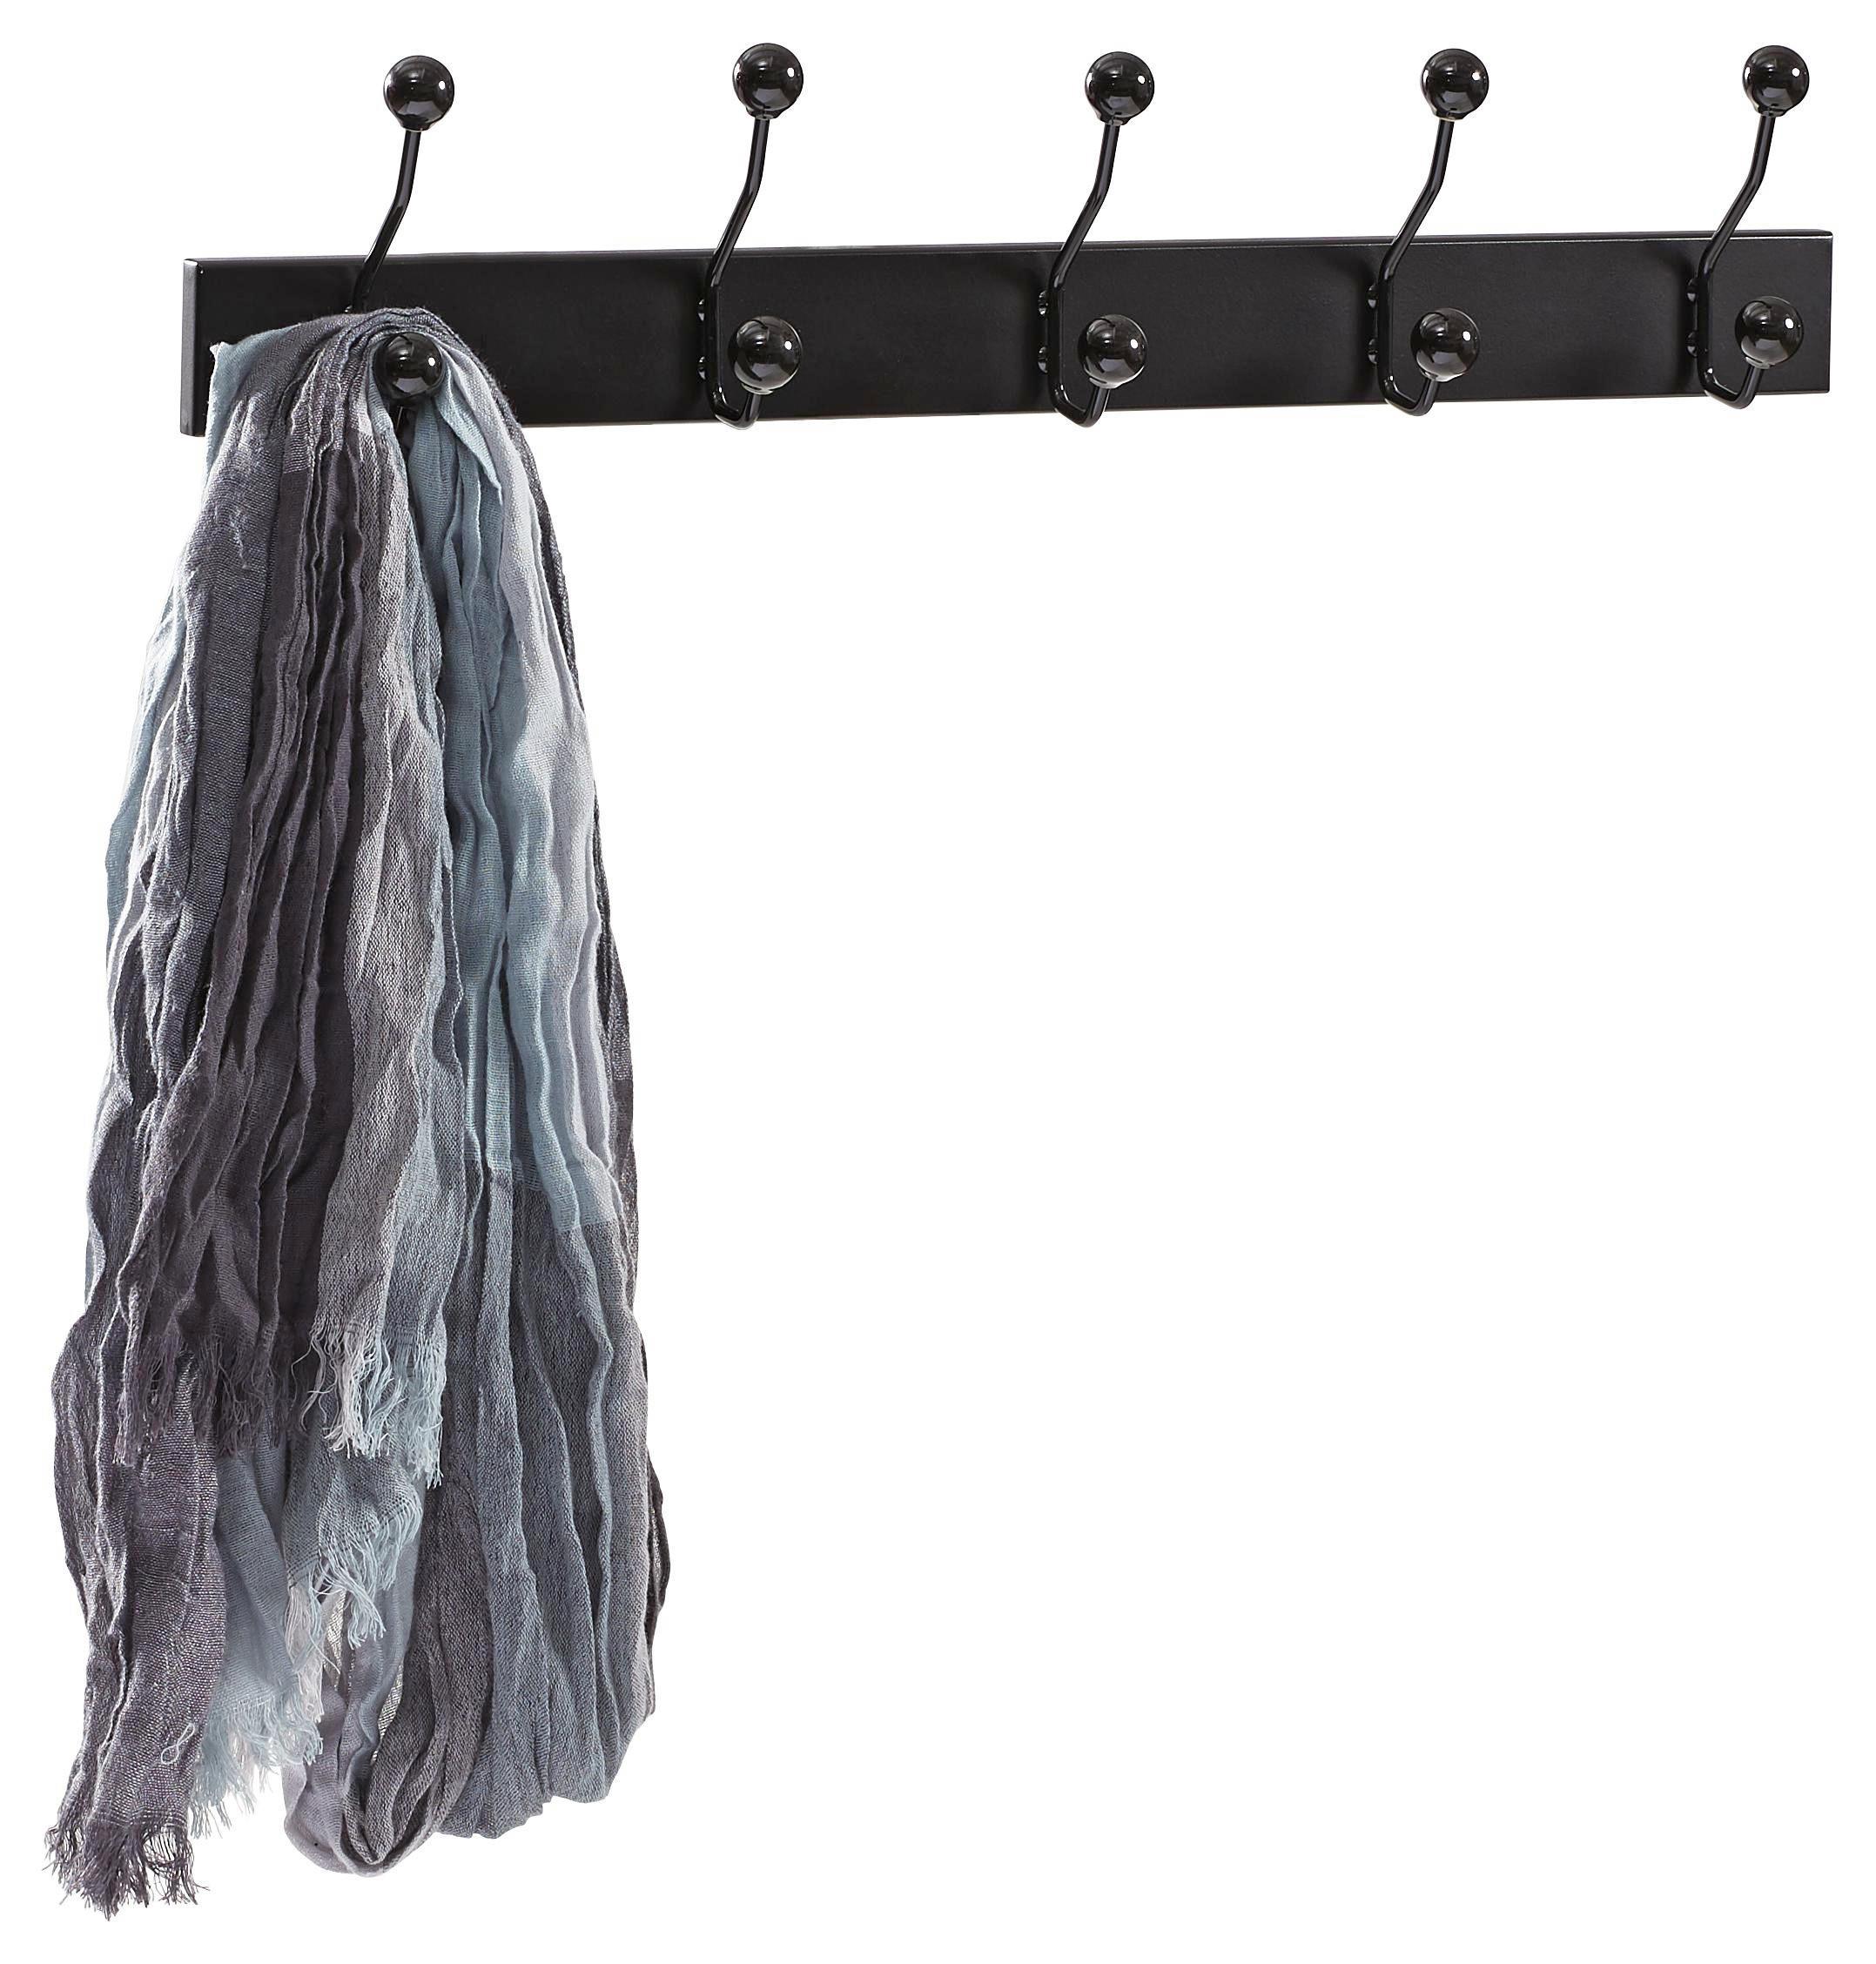 VJEŠALICA ZIDNA - crna, Design, drvni materijal/metal (65/13/7cm) - LESNINA-XXXL